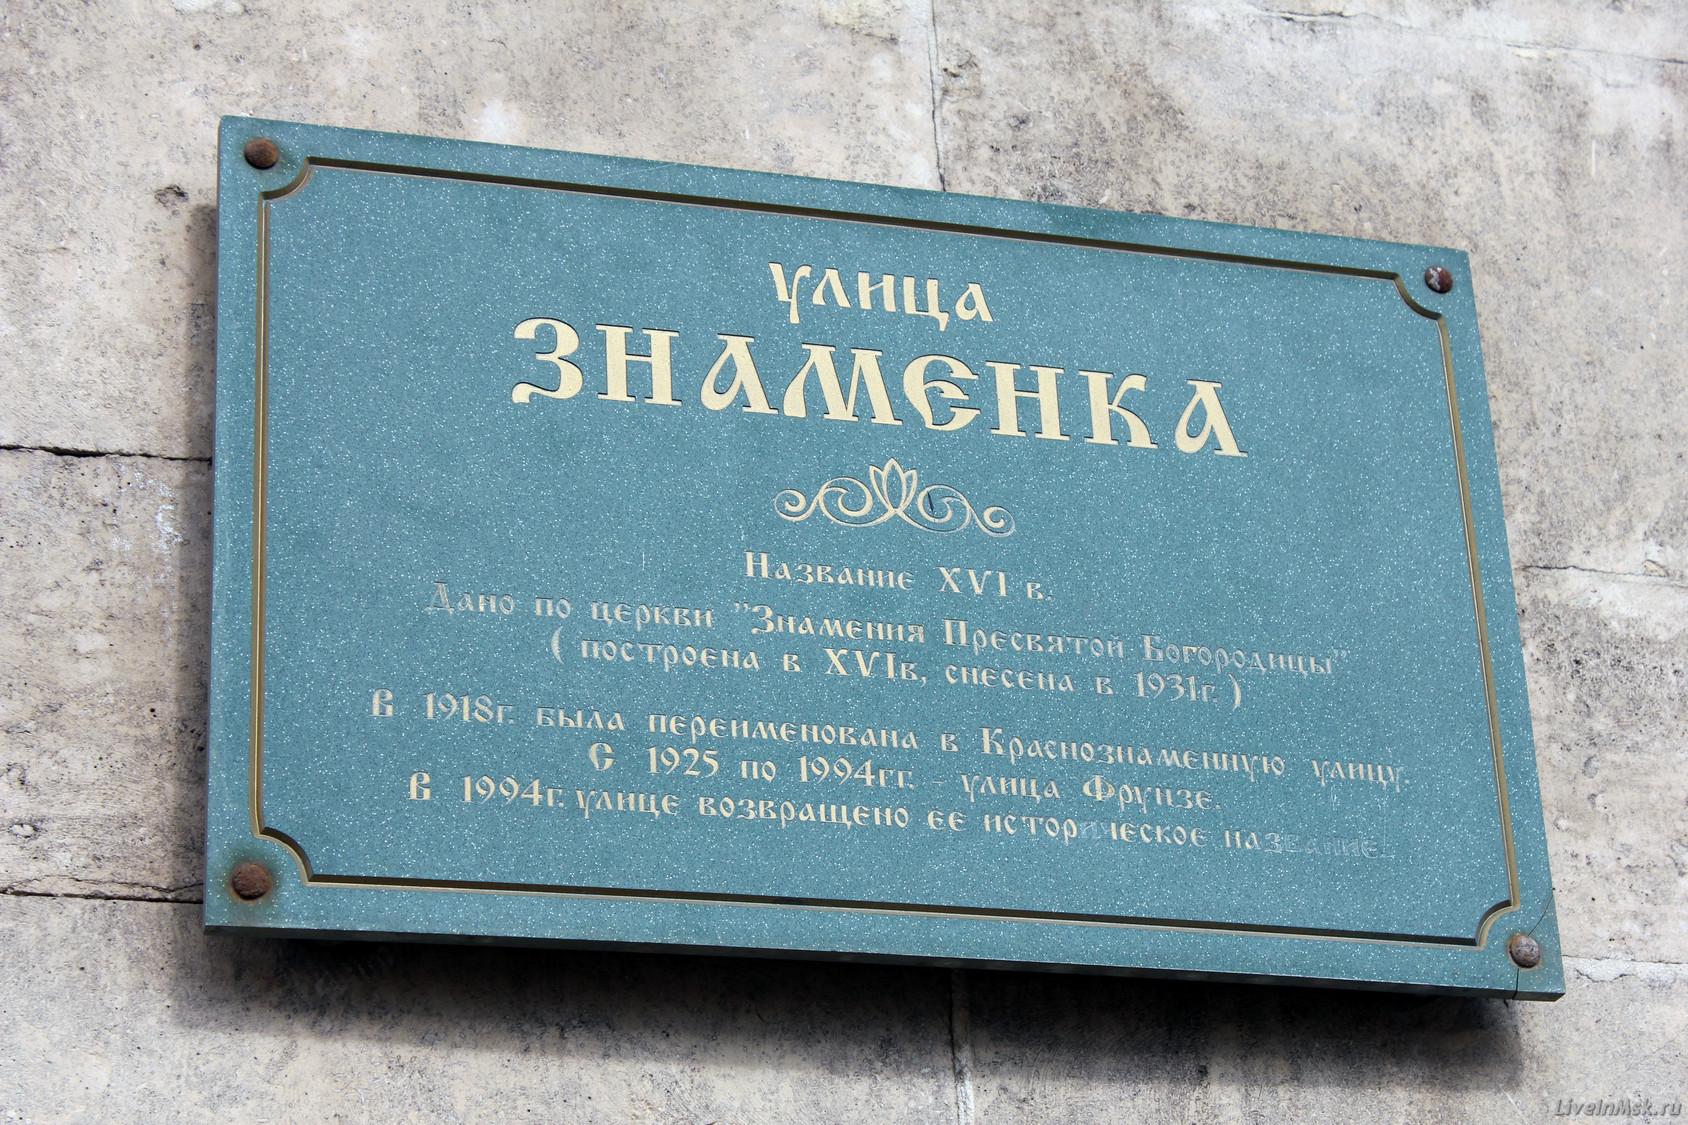 Улица Знаменка, фото 2014 года